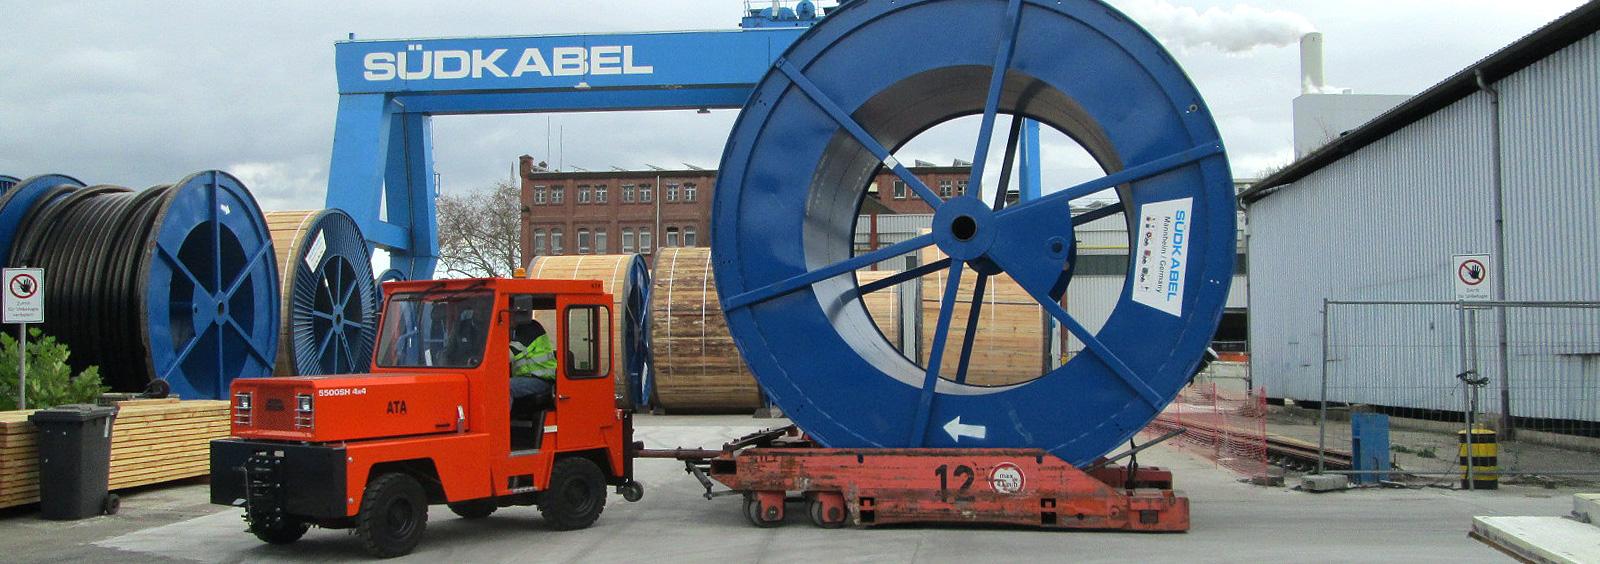 ata-tow-tractors-modena-trattori-industriali